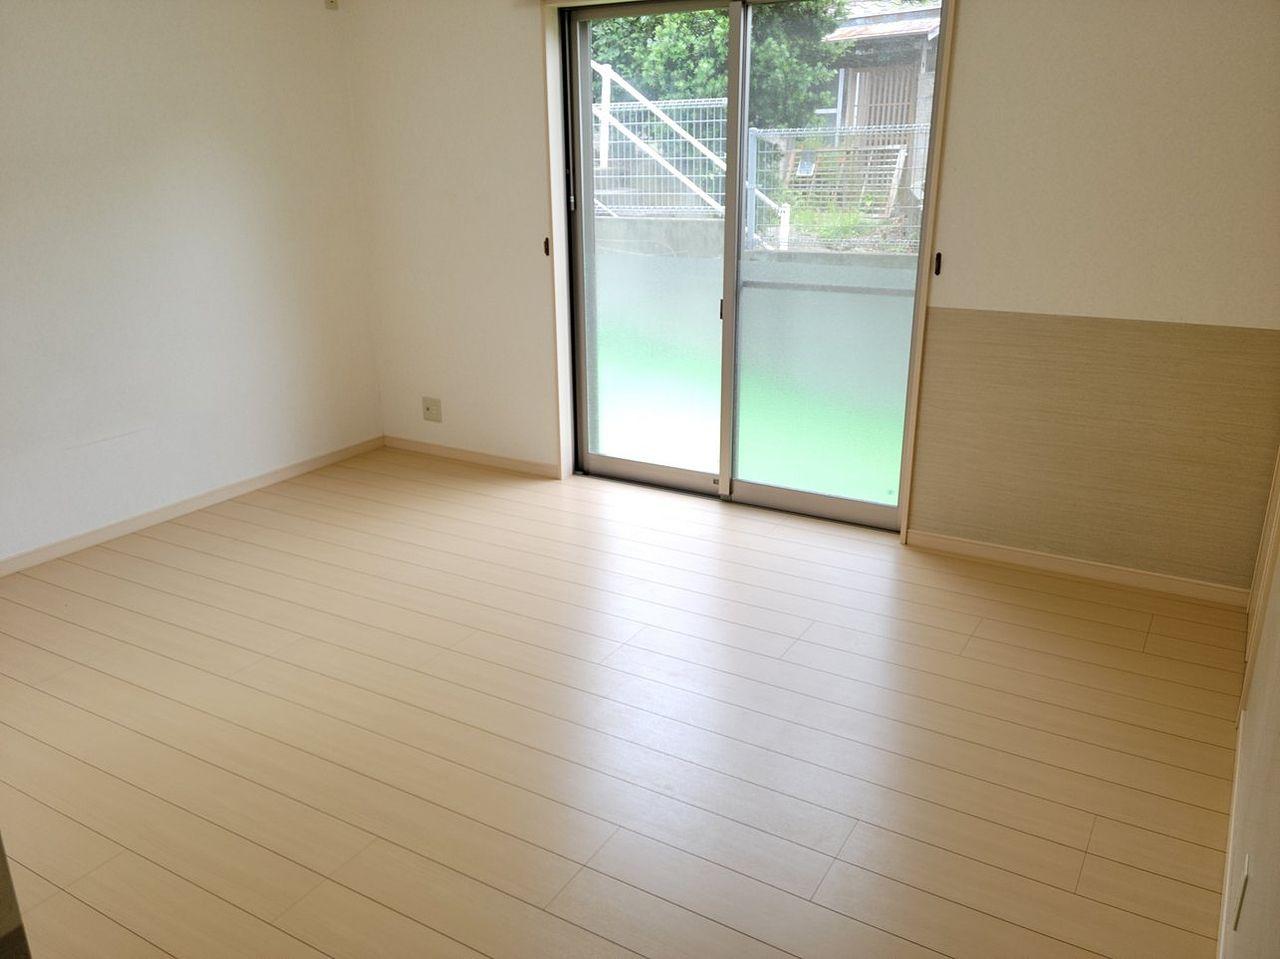 1階の洋室です。2面採光なので明るいです。収納もしっかりあります。